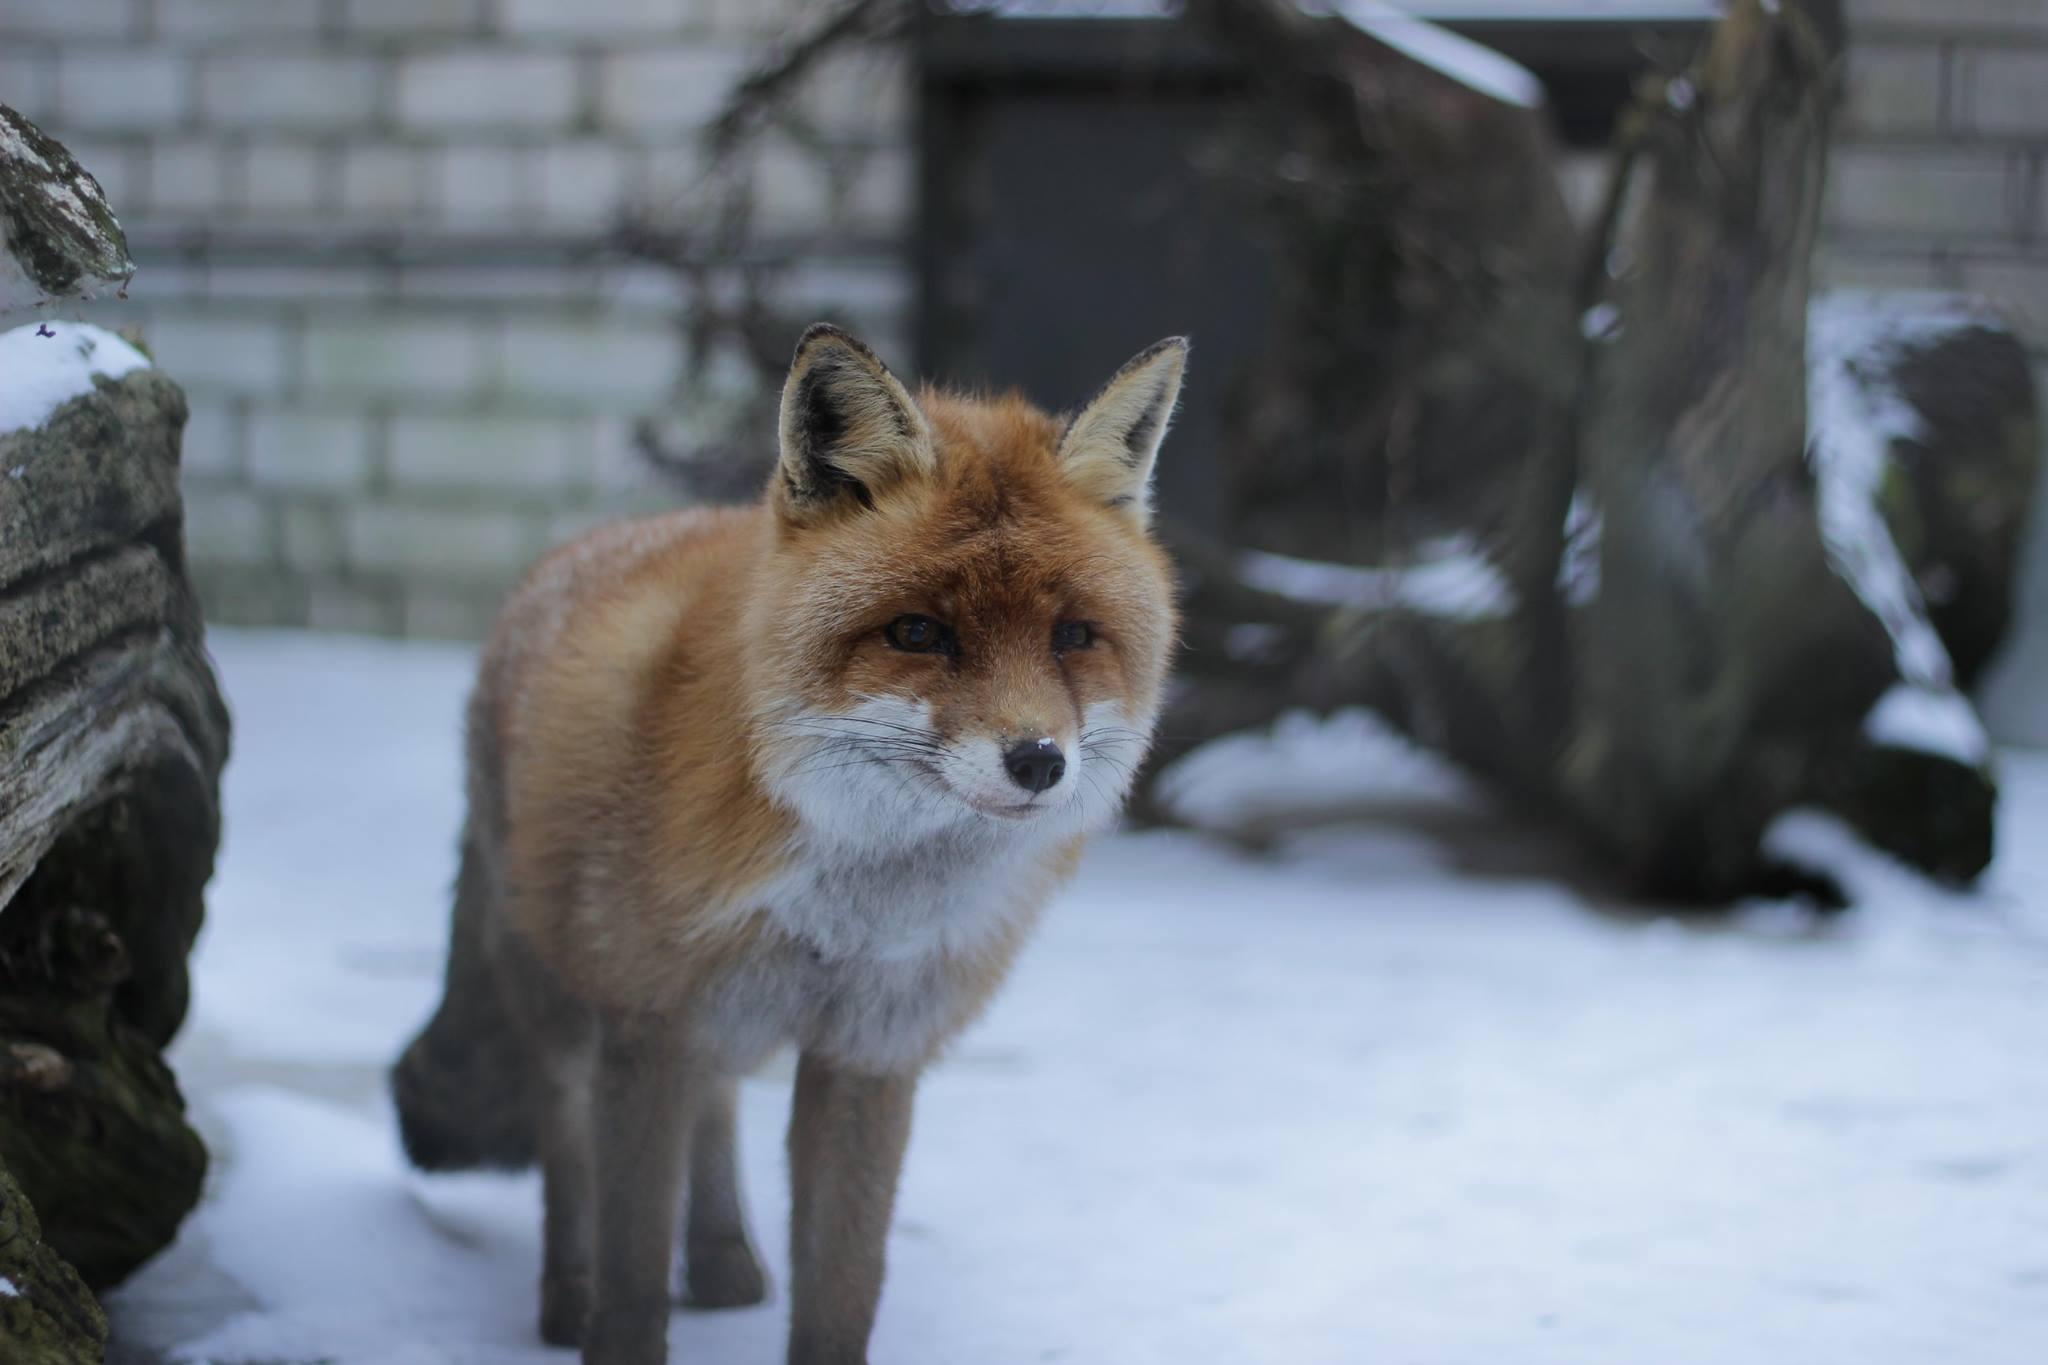 Uus heategevuslik veebipood! Loomaaed avas veebipoe ohustatud liikide kaitse toetamiseks